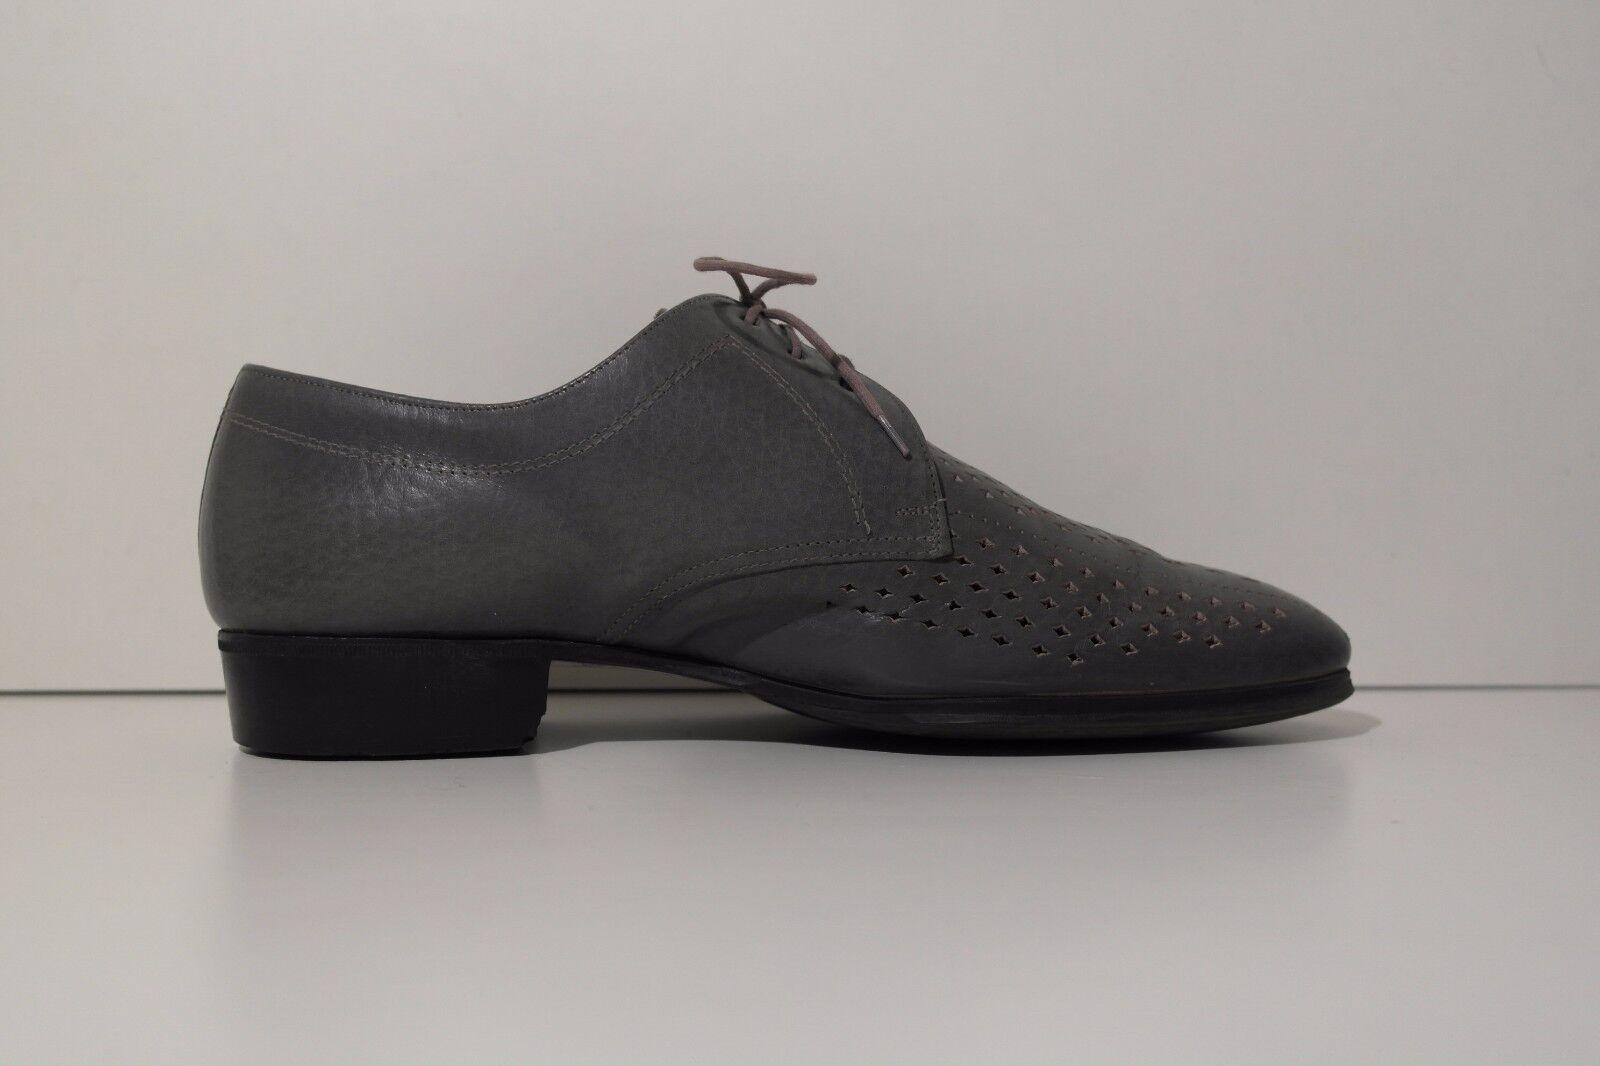 TRUE VINTAGE 70er Herren Schnürschuhe Schnürschuhe Schnürschuhe UK 7 Schuhe grau Halbschuhe Swinging 70s  65673b